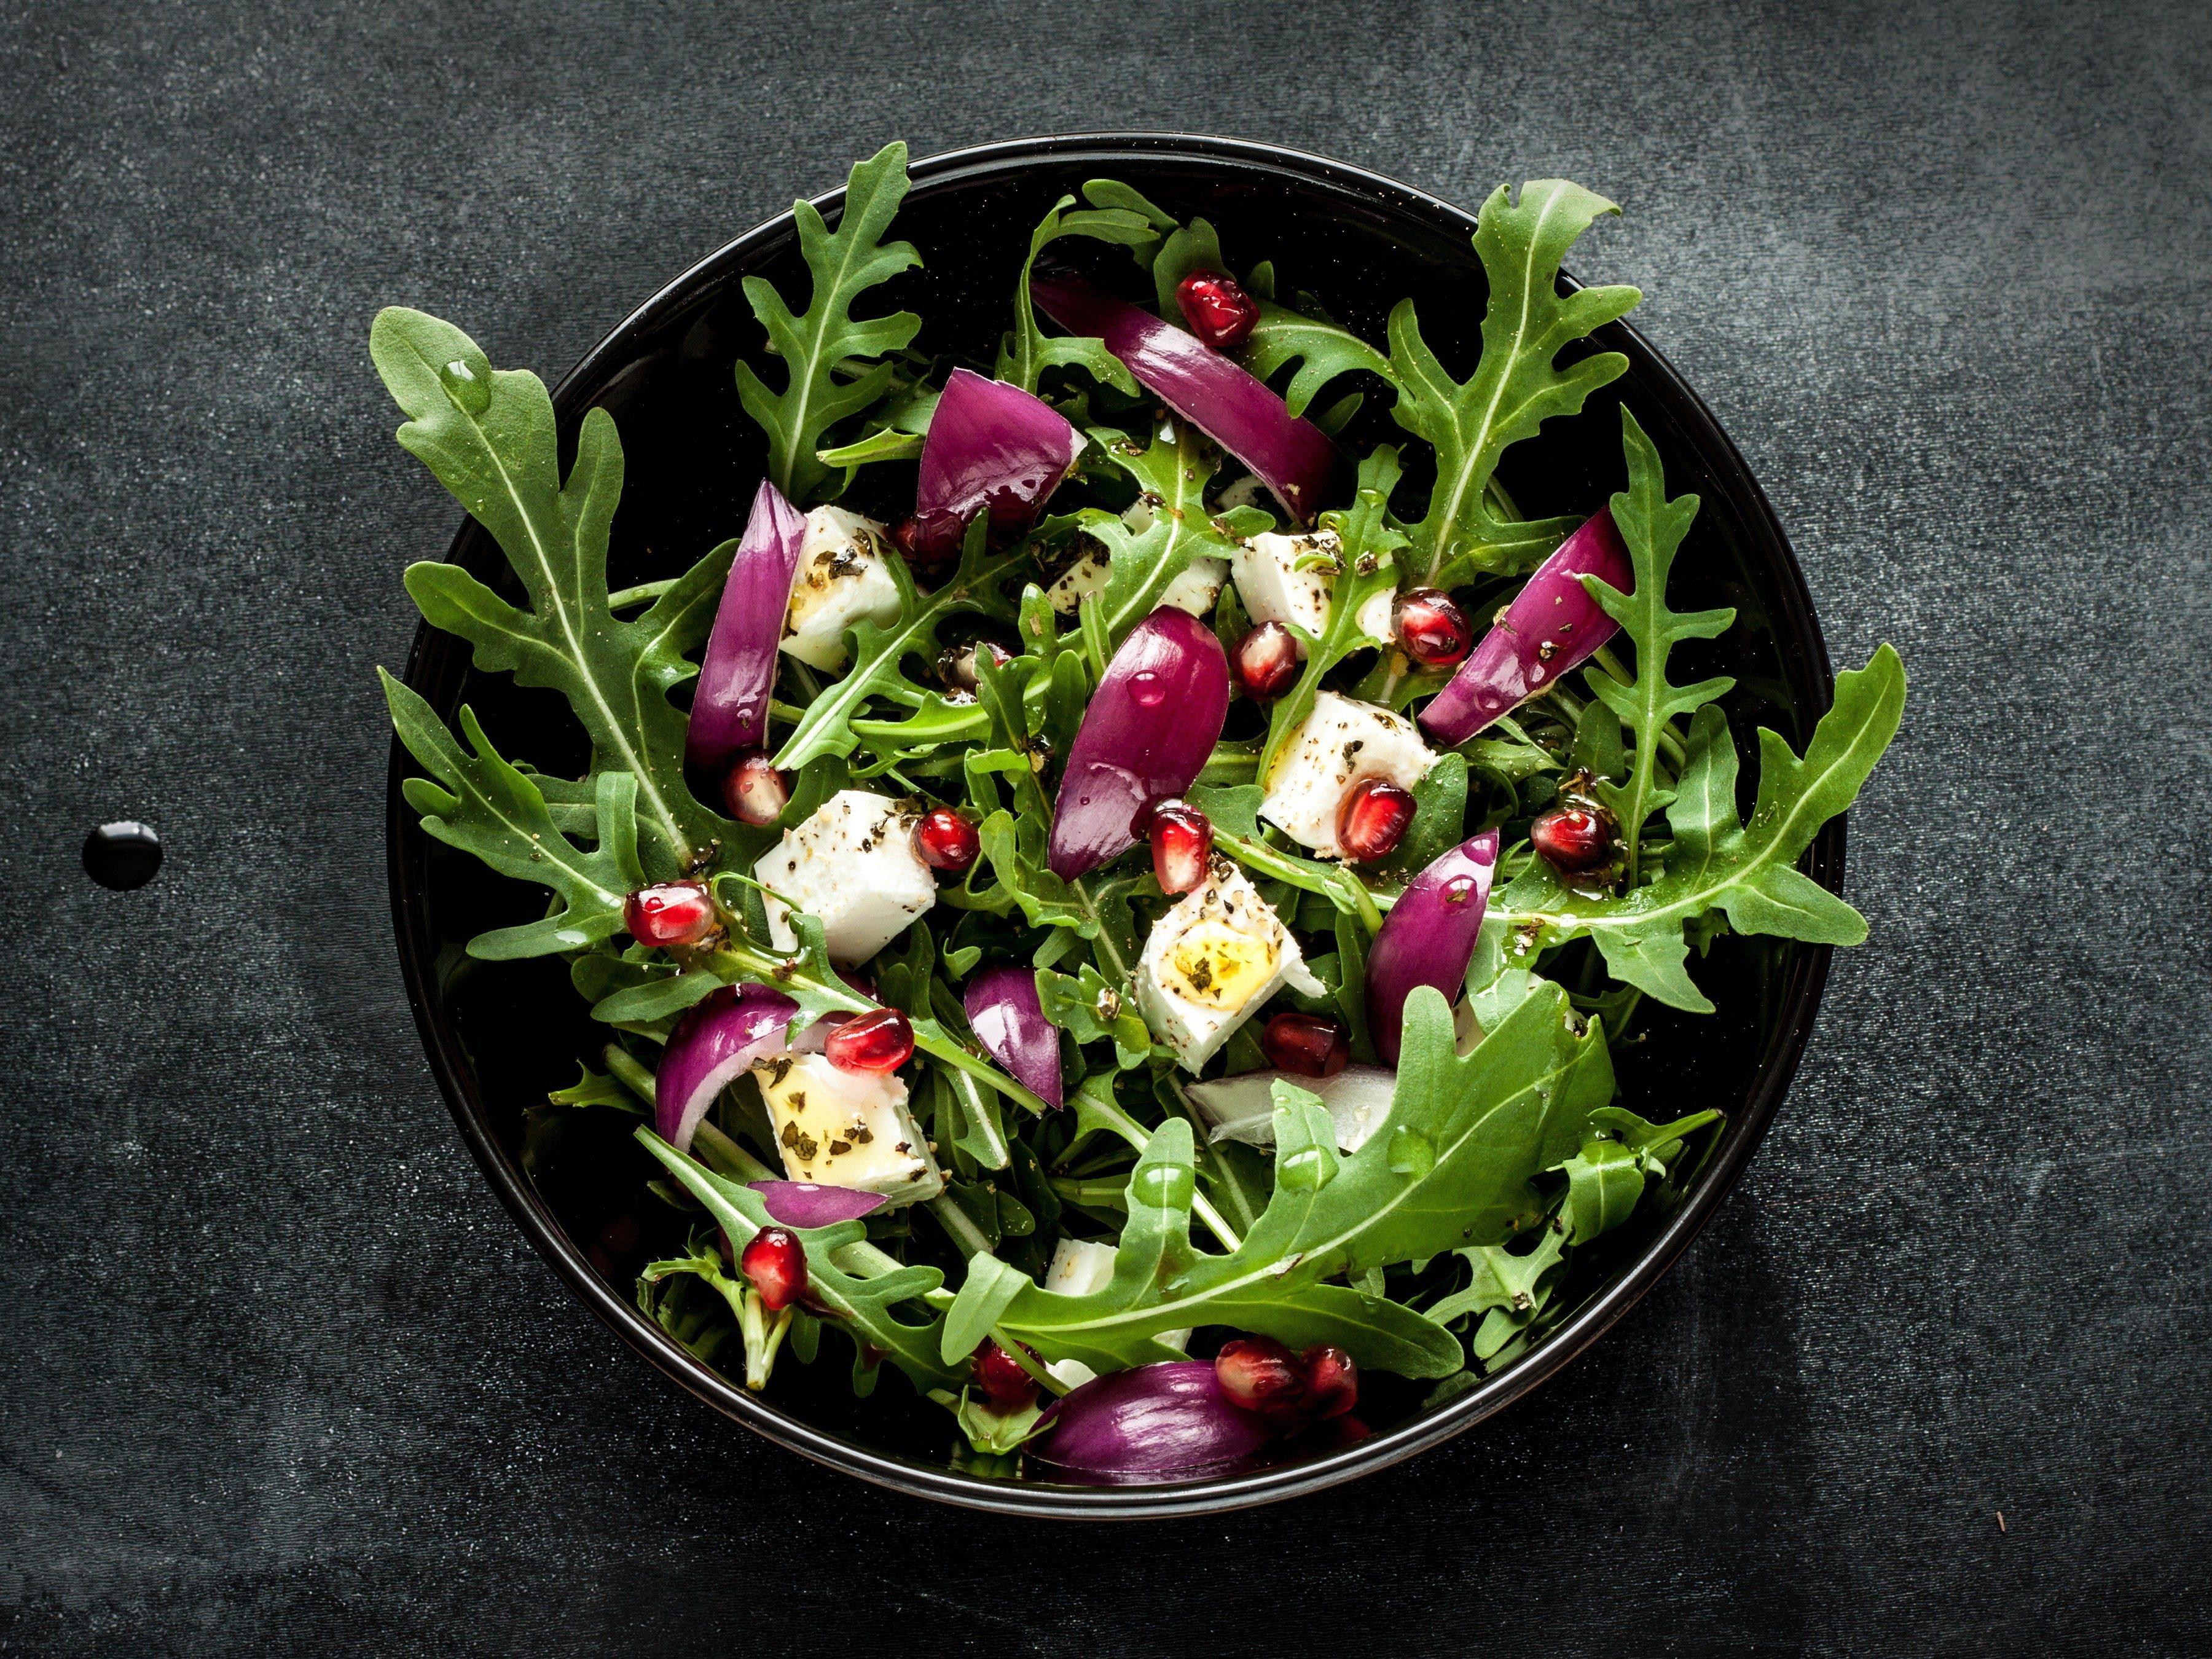 6. European-Style Salad